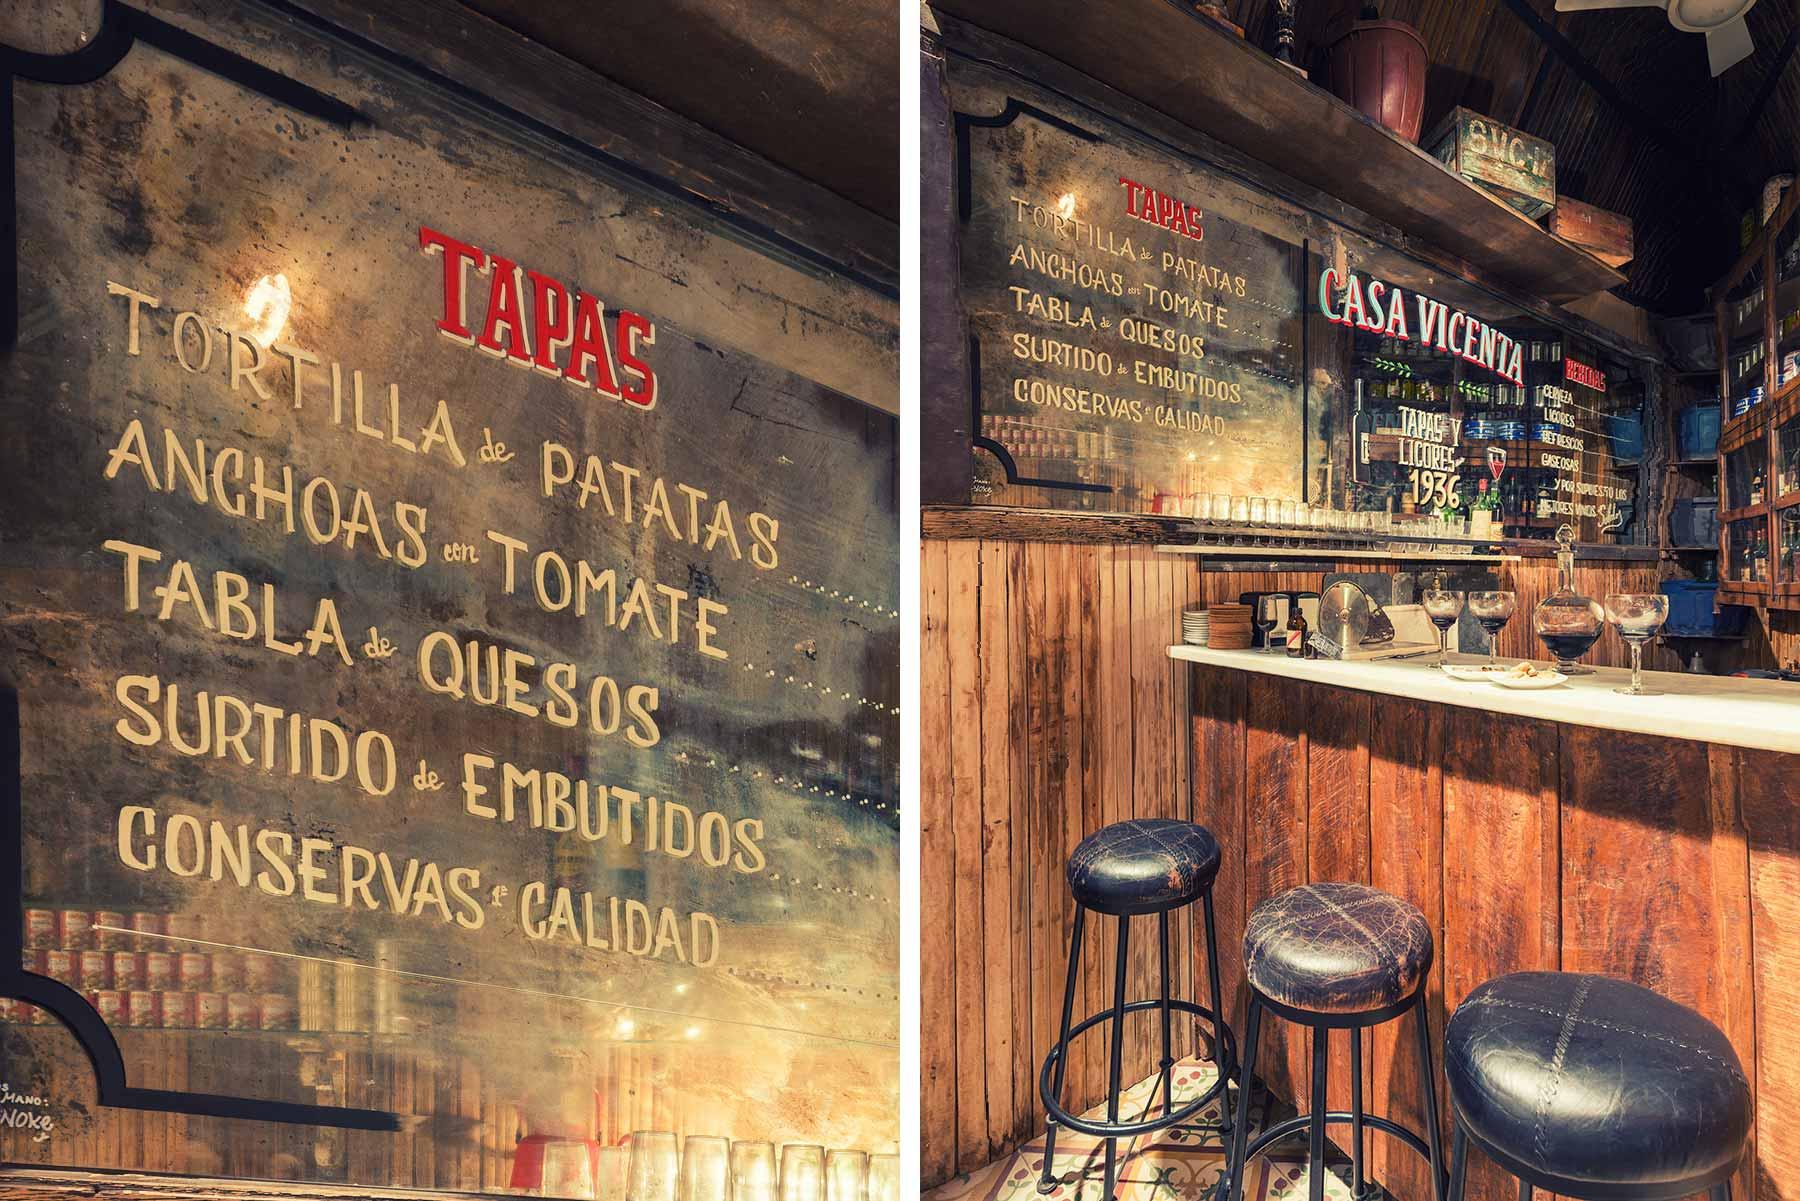 Casa vicenta decoraci n dise o y proyecto innovador para bares - Decoraciones de bares ...